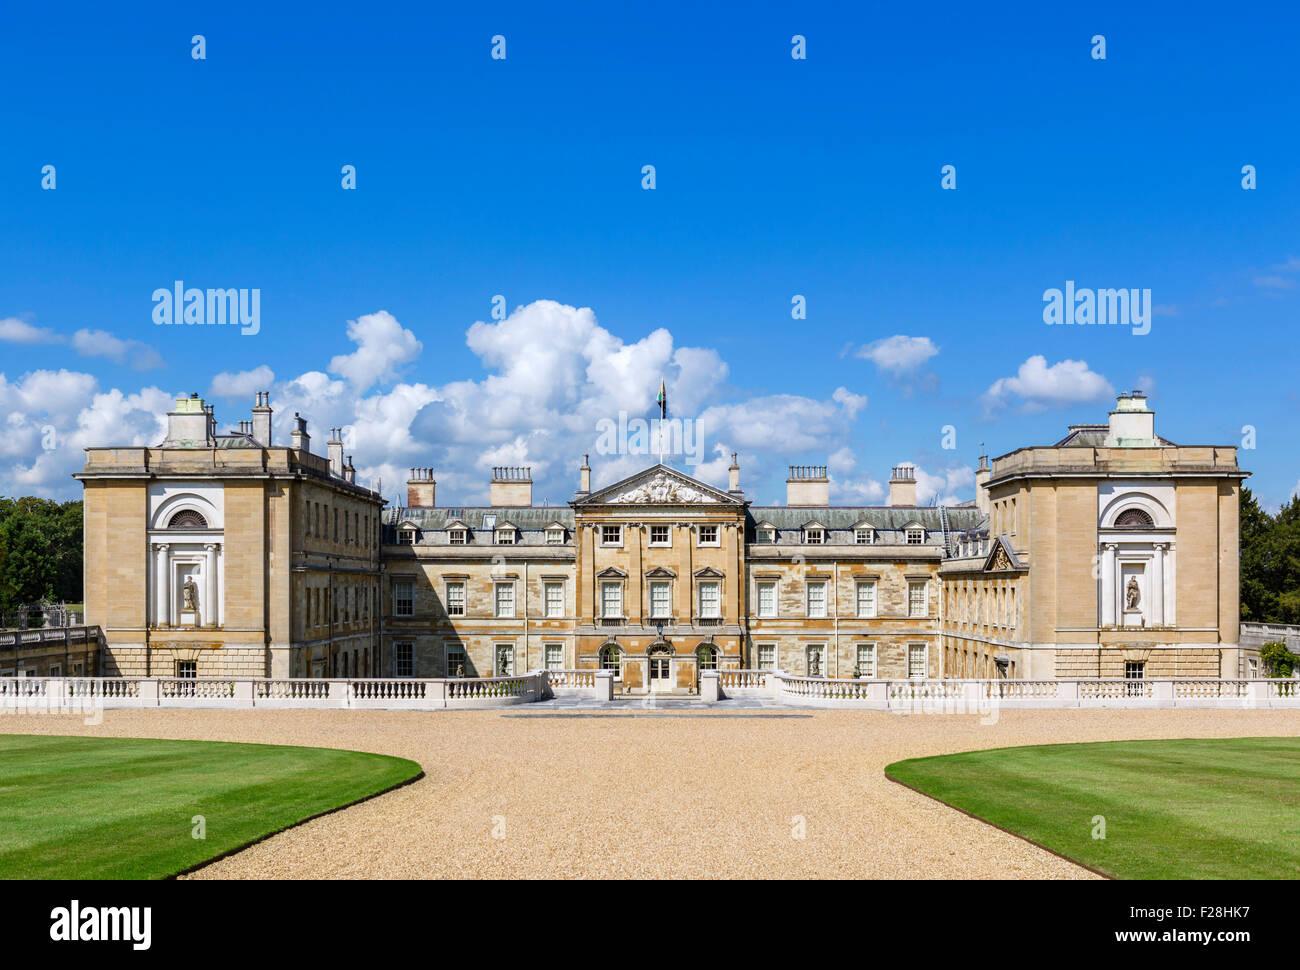 Woburn Abbey, Woburn, Bedfordshire, England, UK - Stock Image